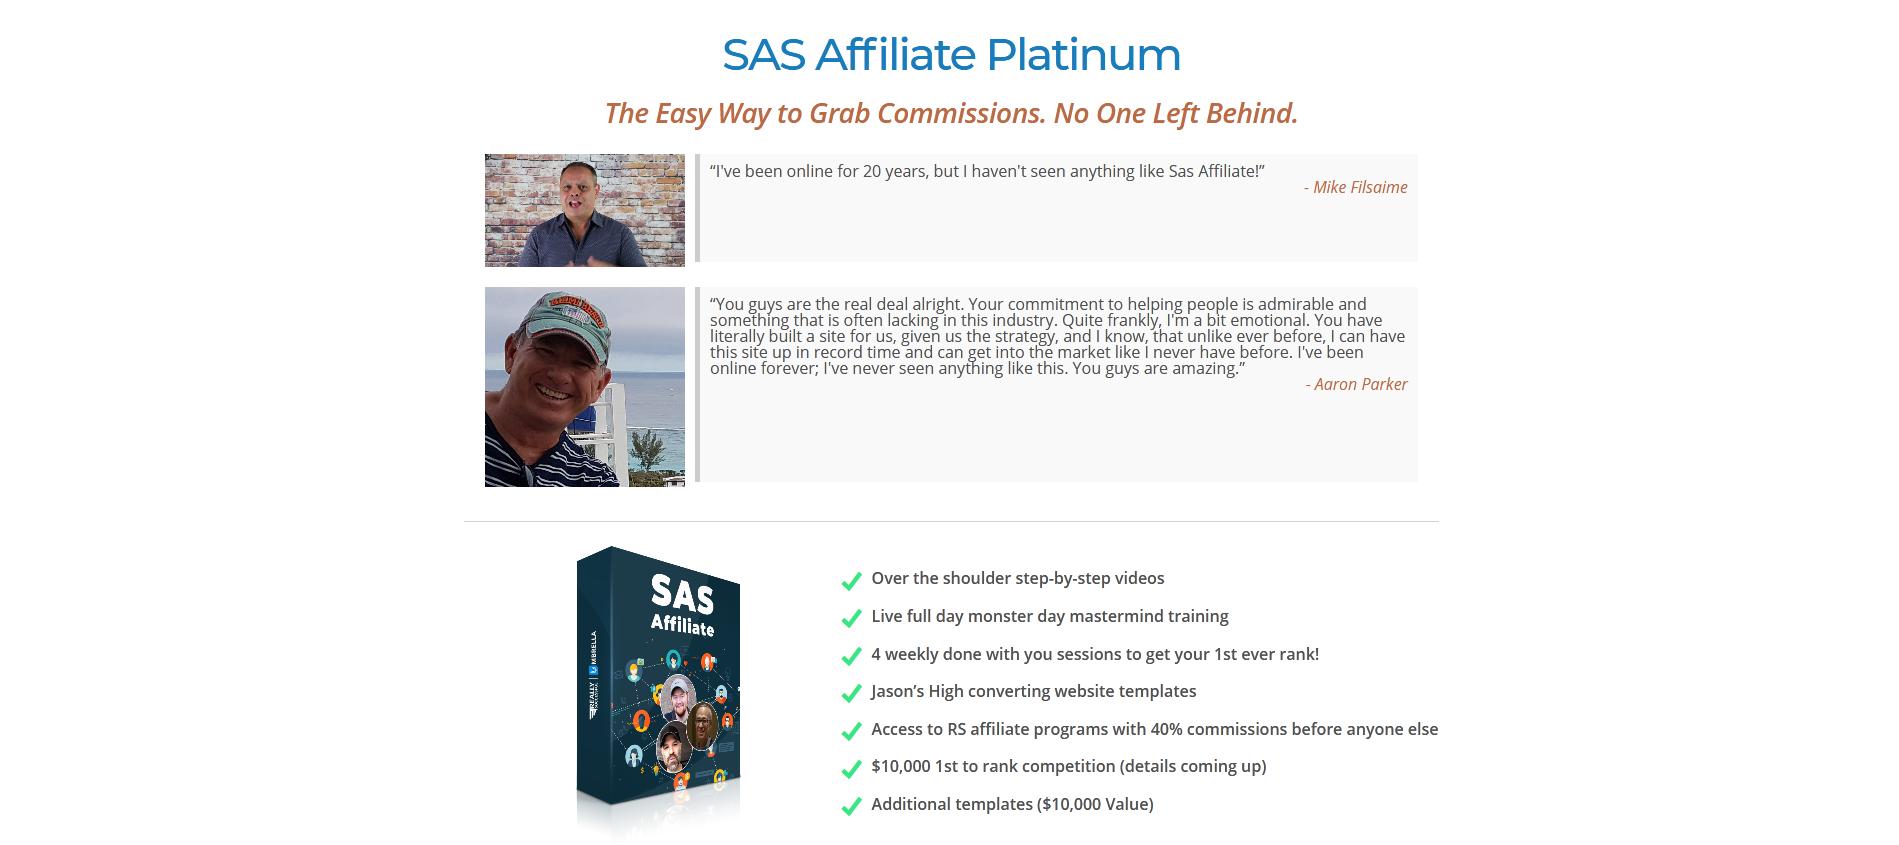 UmbrellaRS - SAS Affiliate Platinum